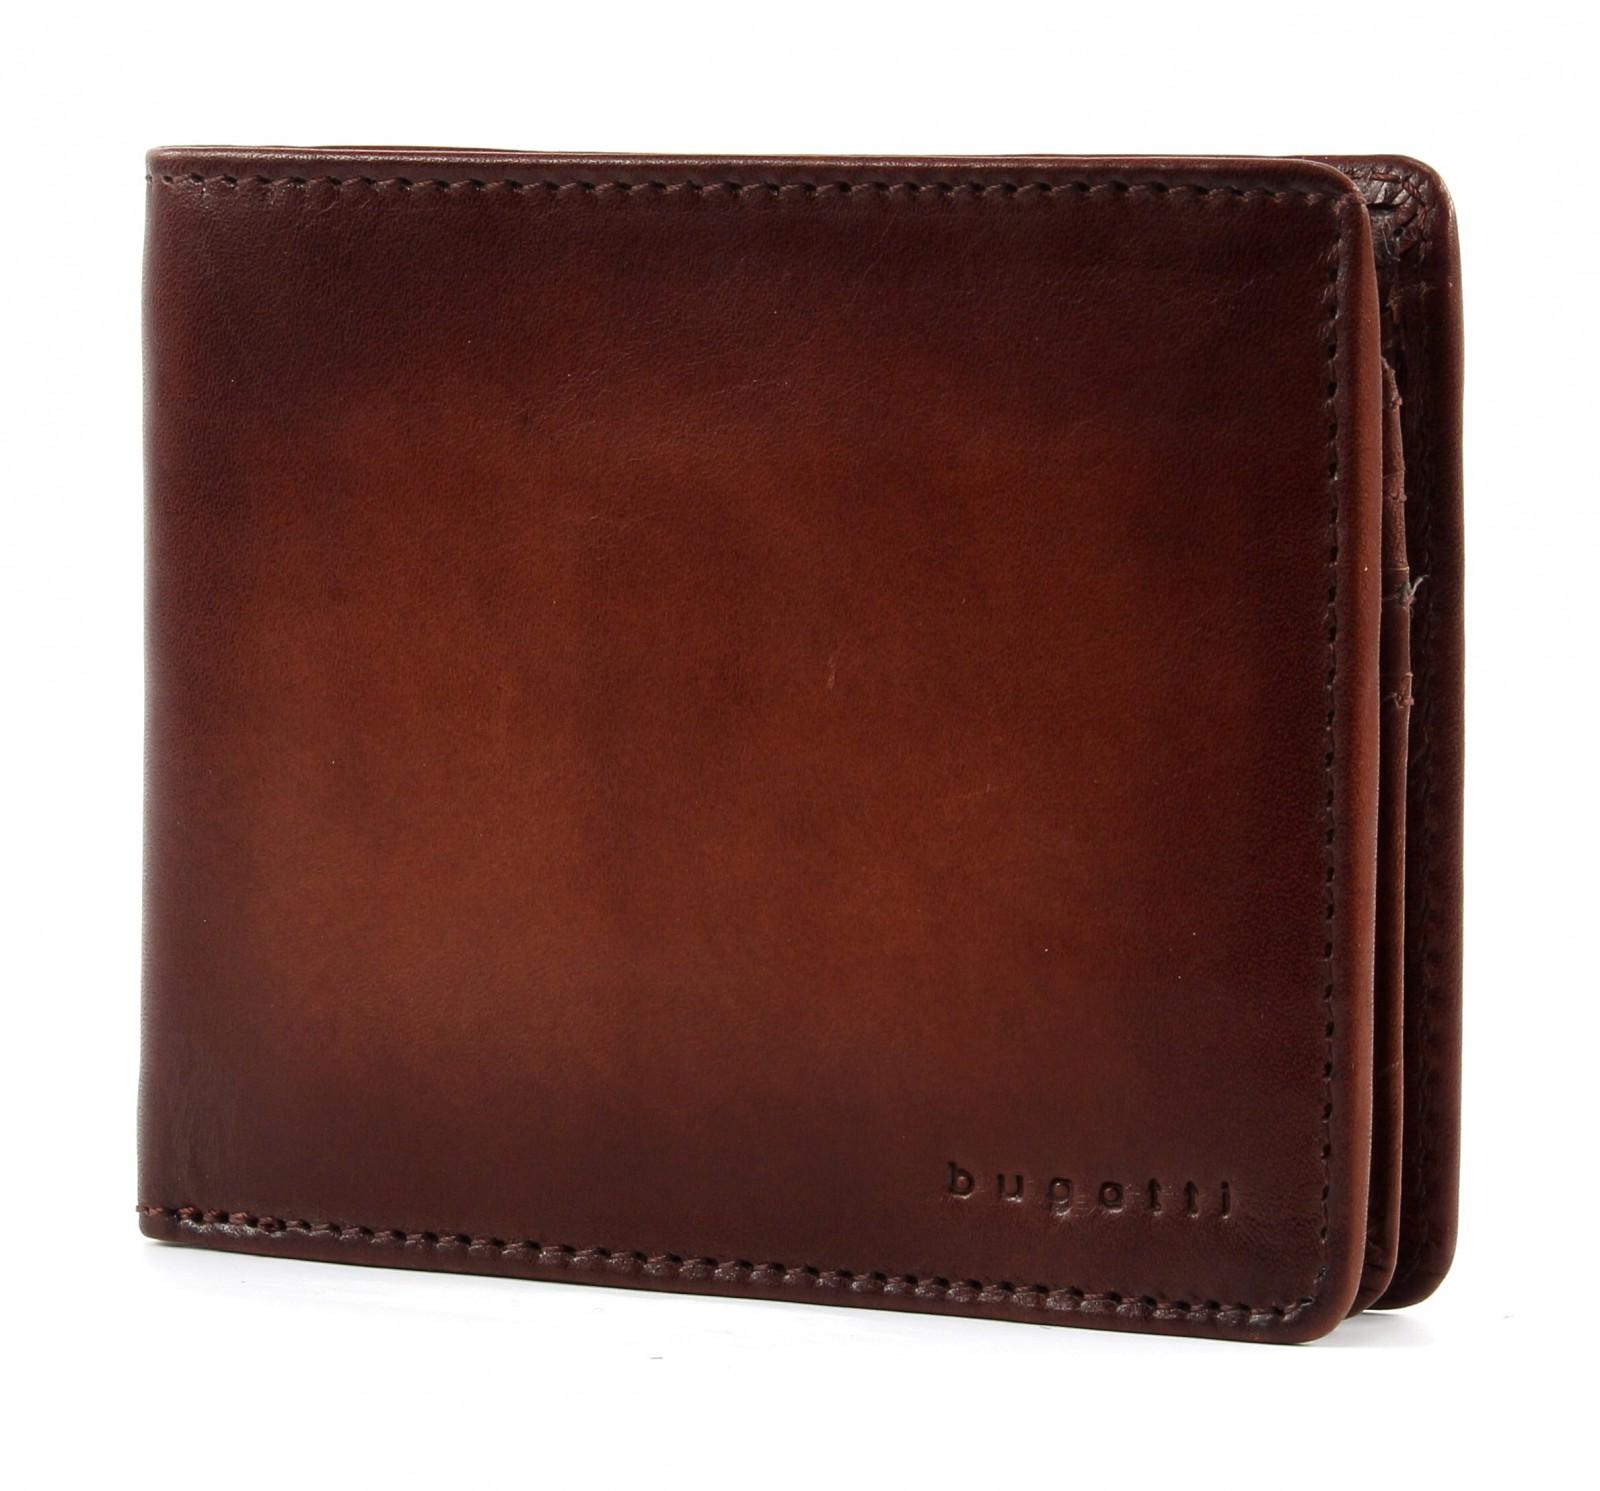 Bugatti pánská kožená peněženka 49322907 Hnědá